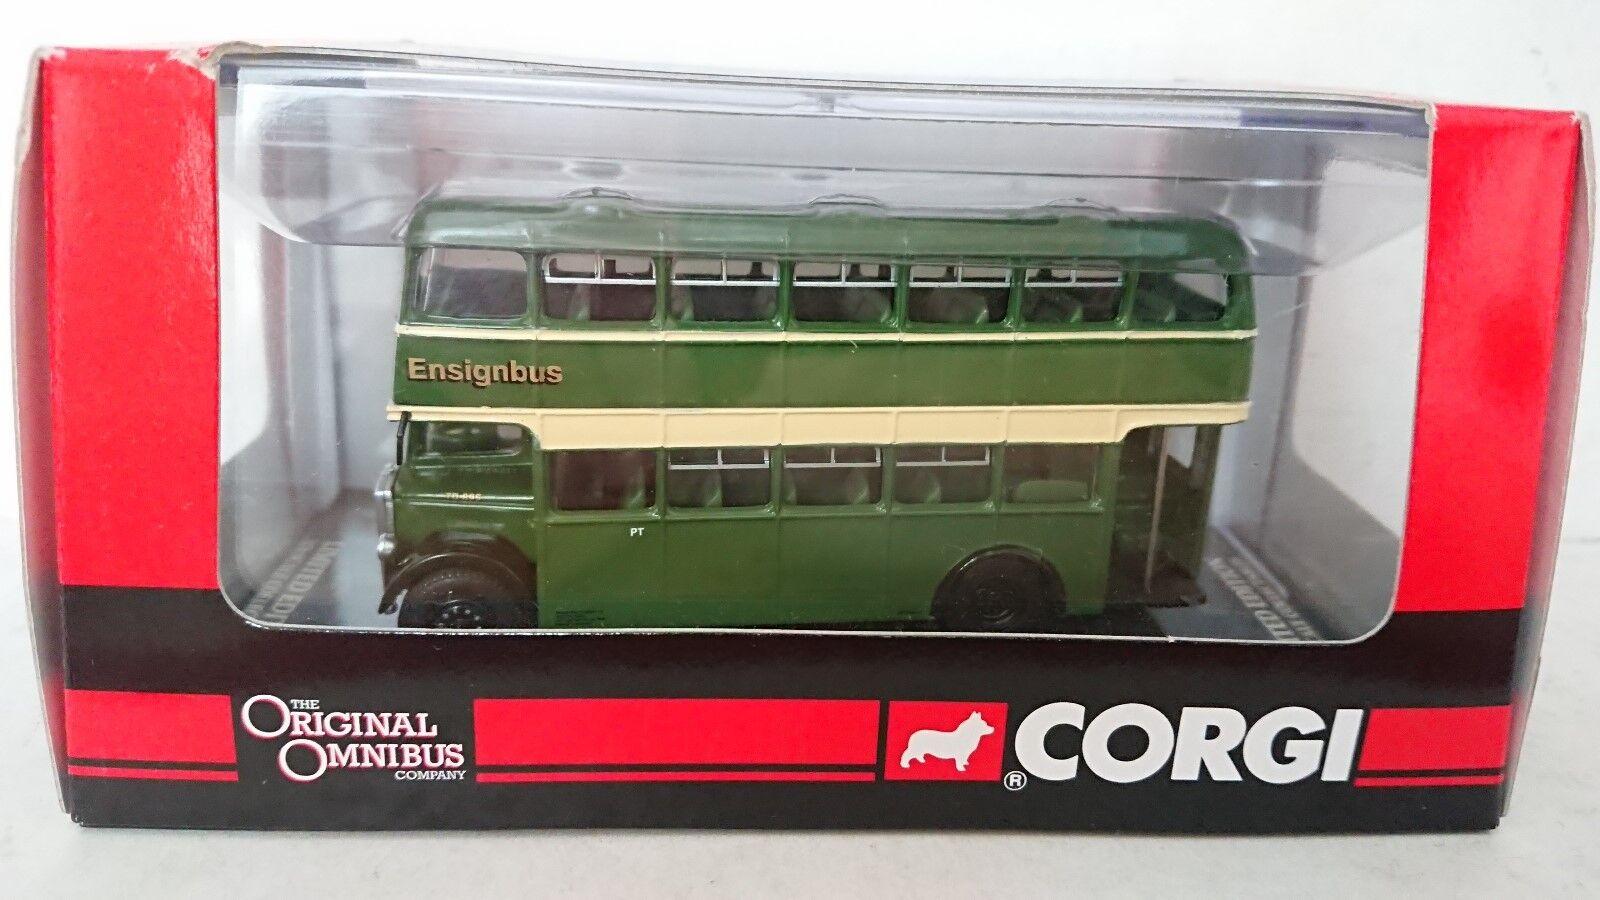 Corgi OM40701 Bristol K ECW Ensign Bus No.38 Ltd Edition No. 0003 of 2010